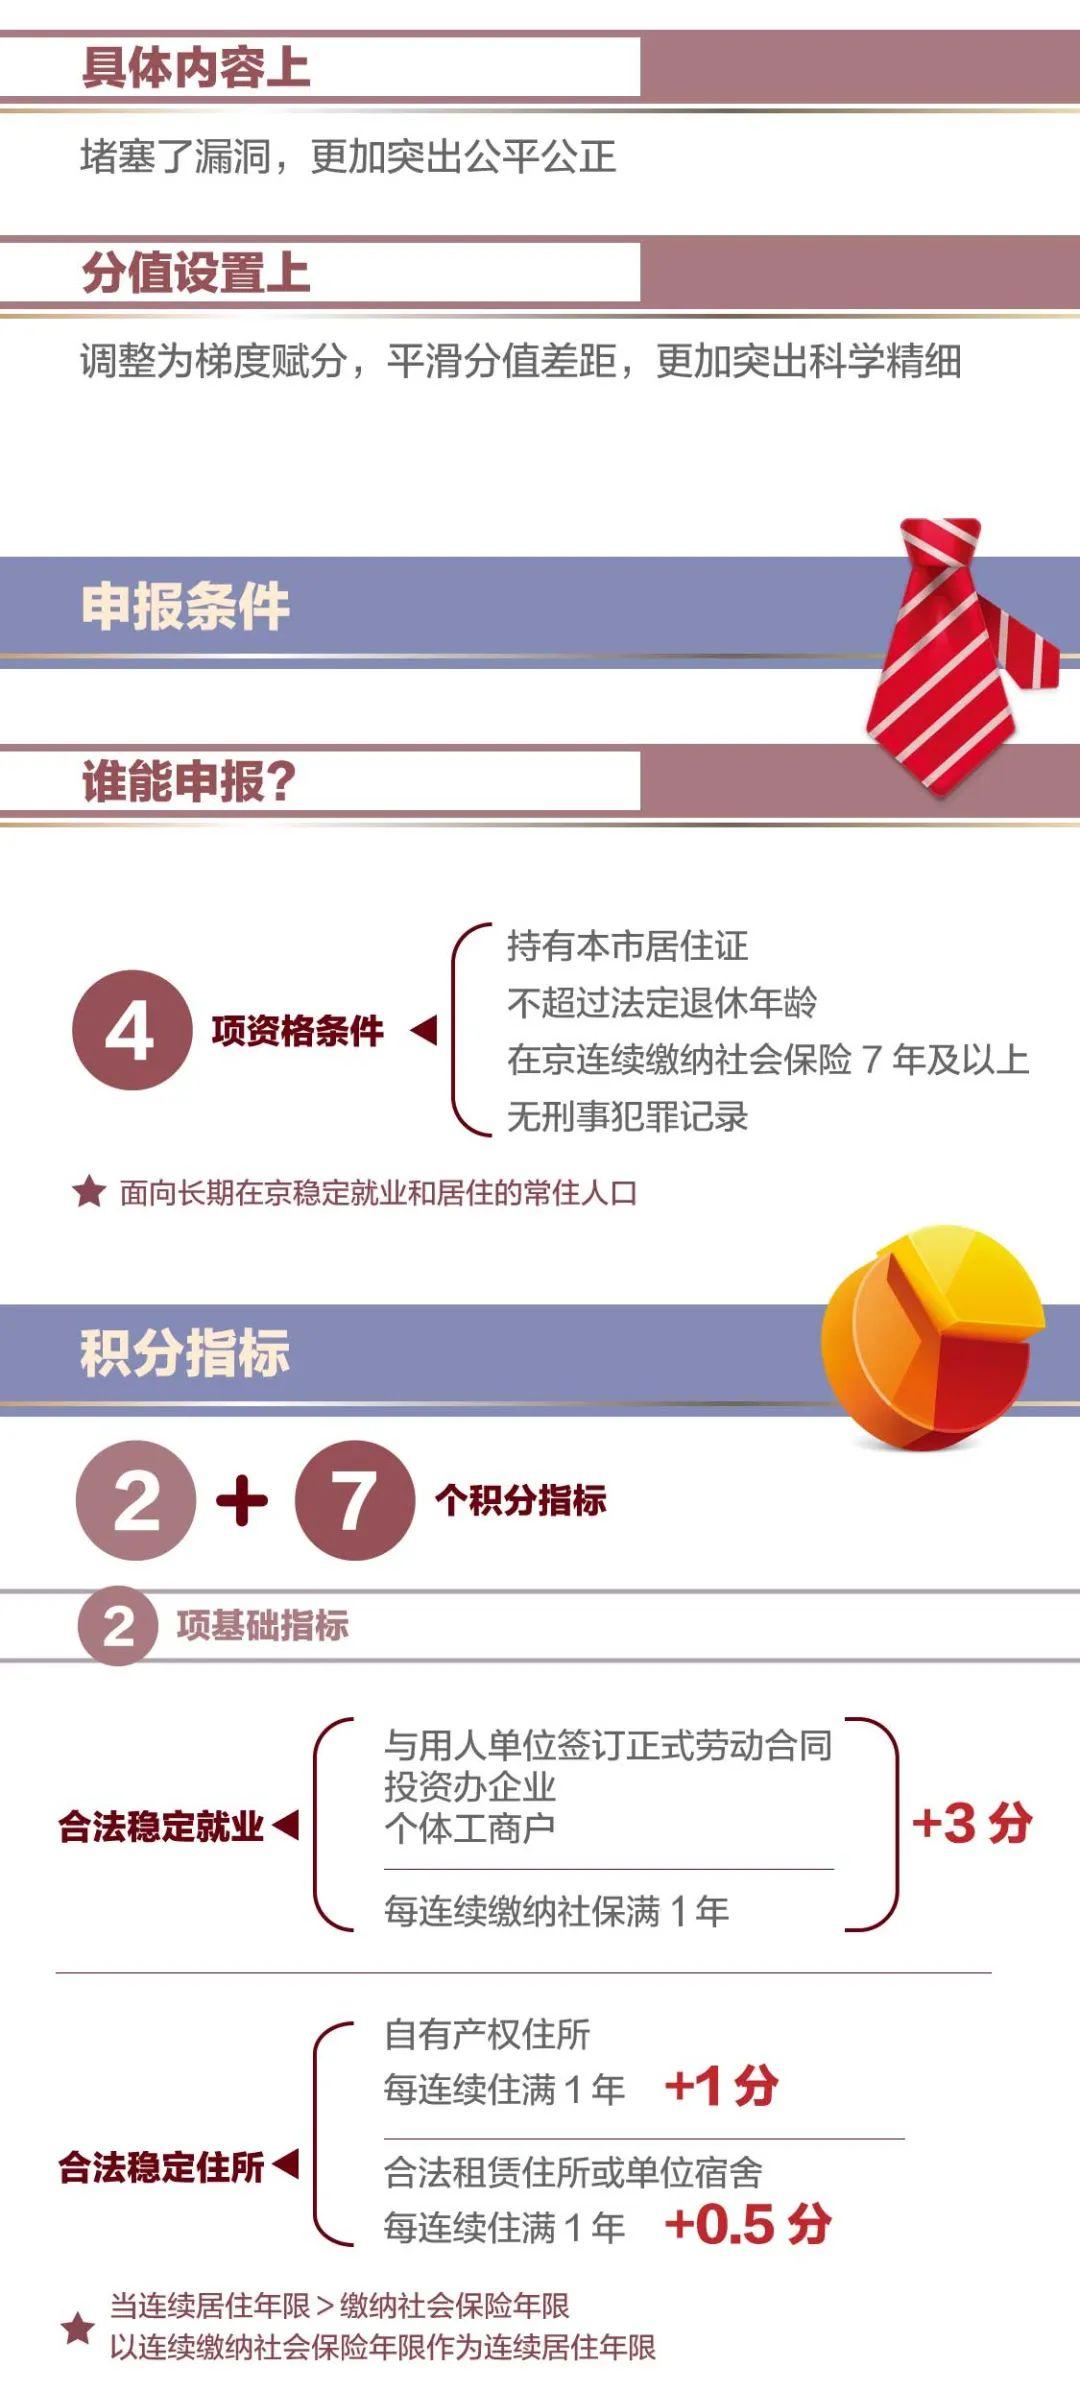 黄圣依杨子合体拍新国风大片